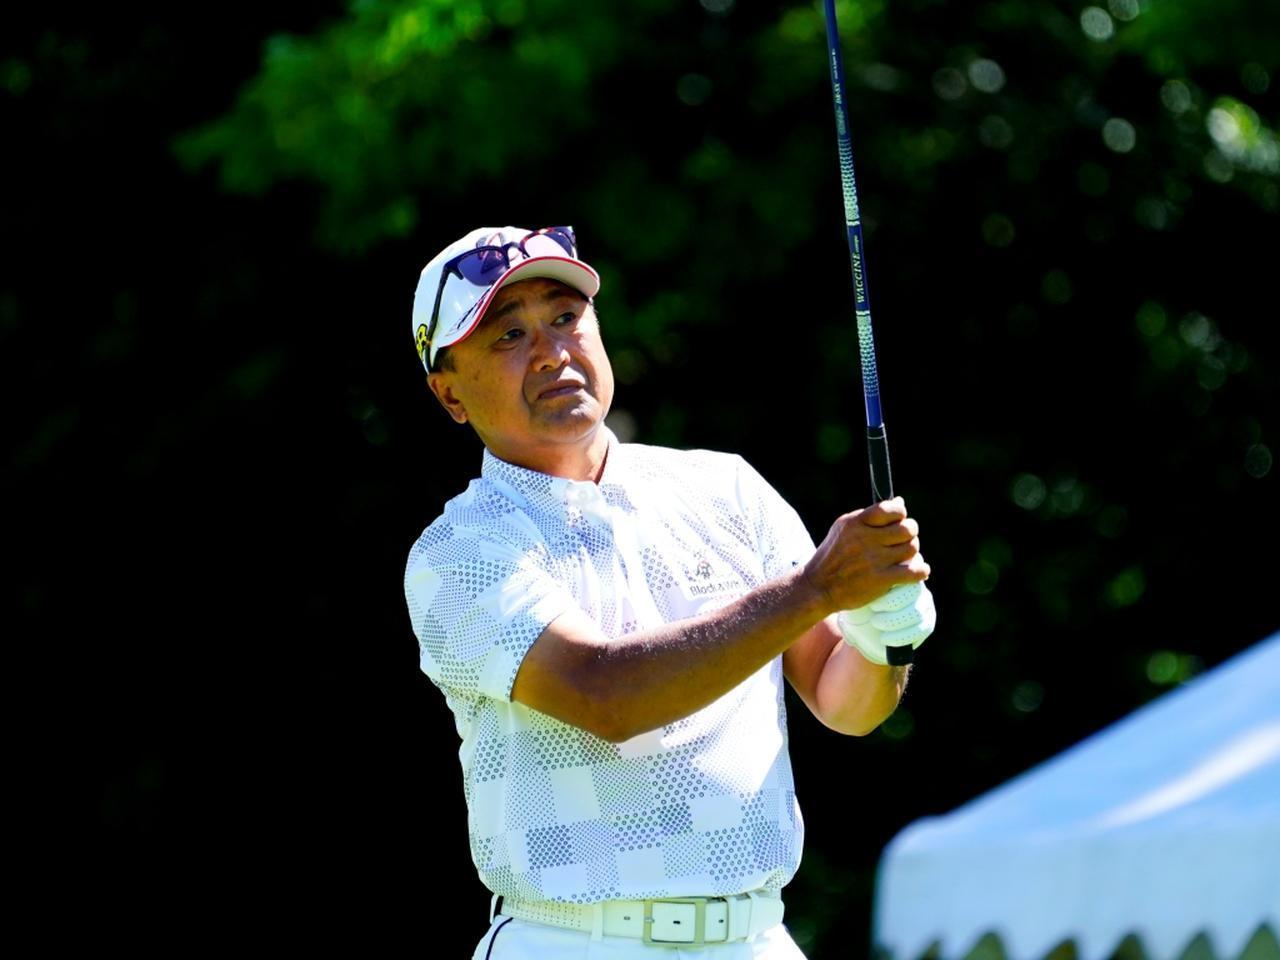 画像: 倉本昌弘プロ。2019年スターツシニアで勝利(63歳)。レギュラーツアー30勝、現PGA会長